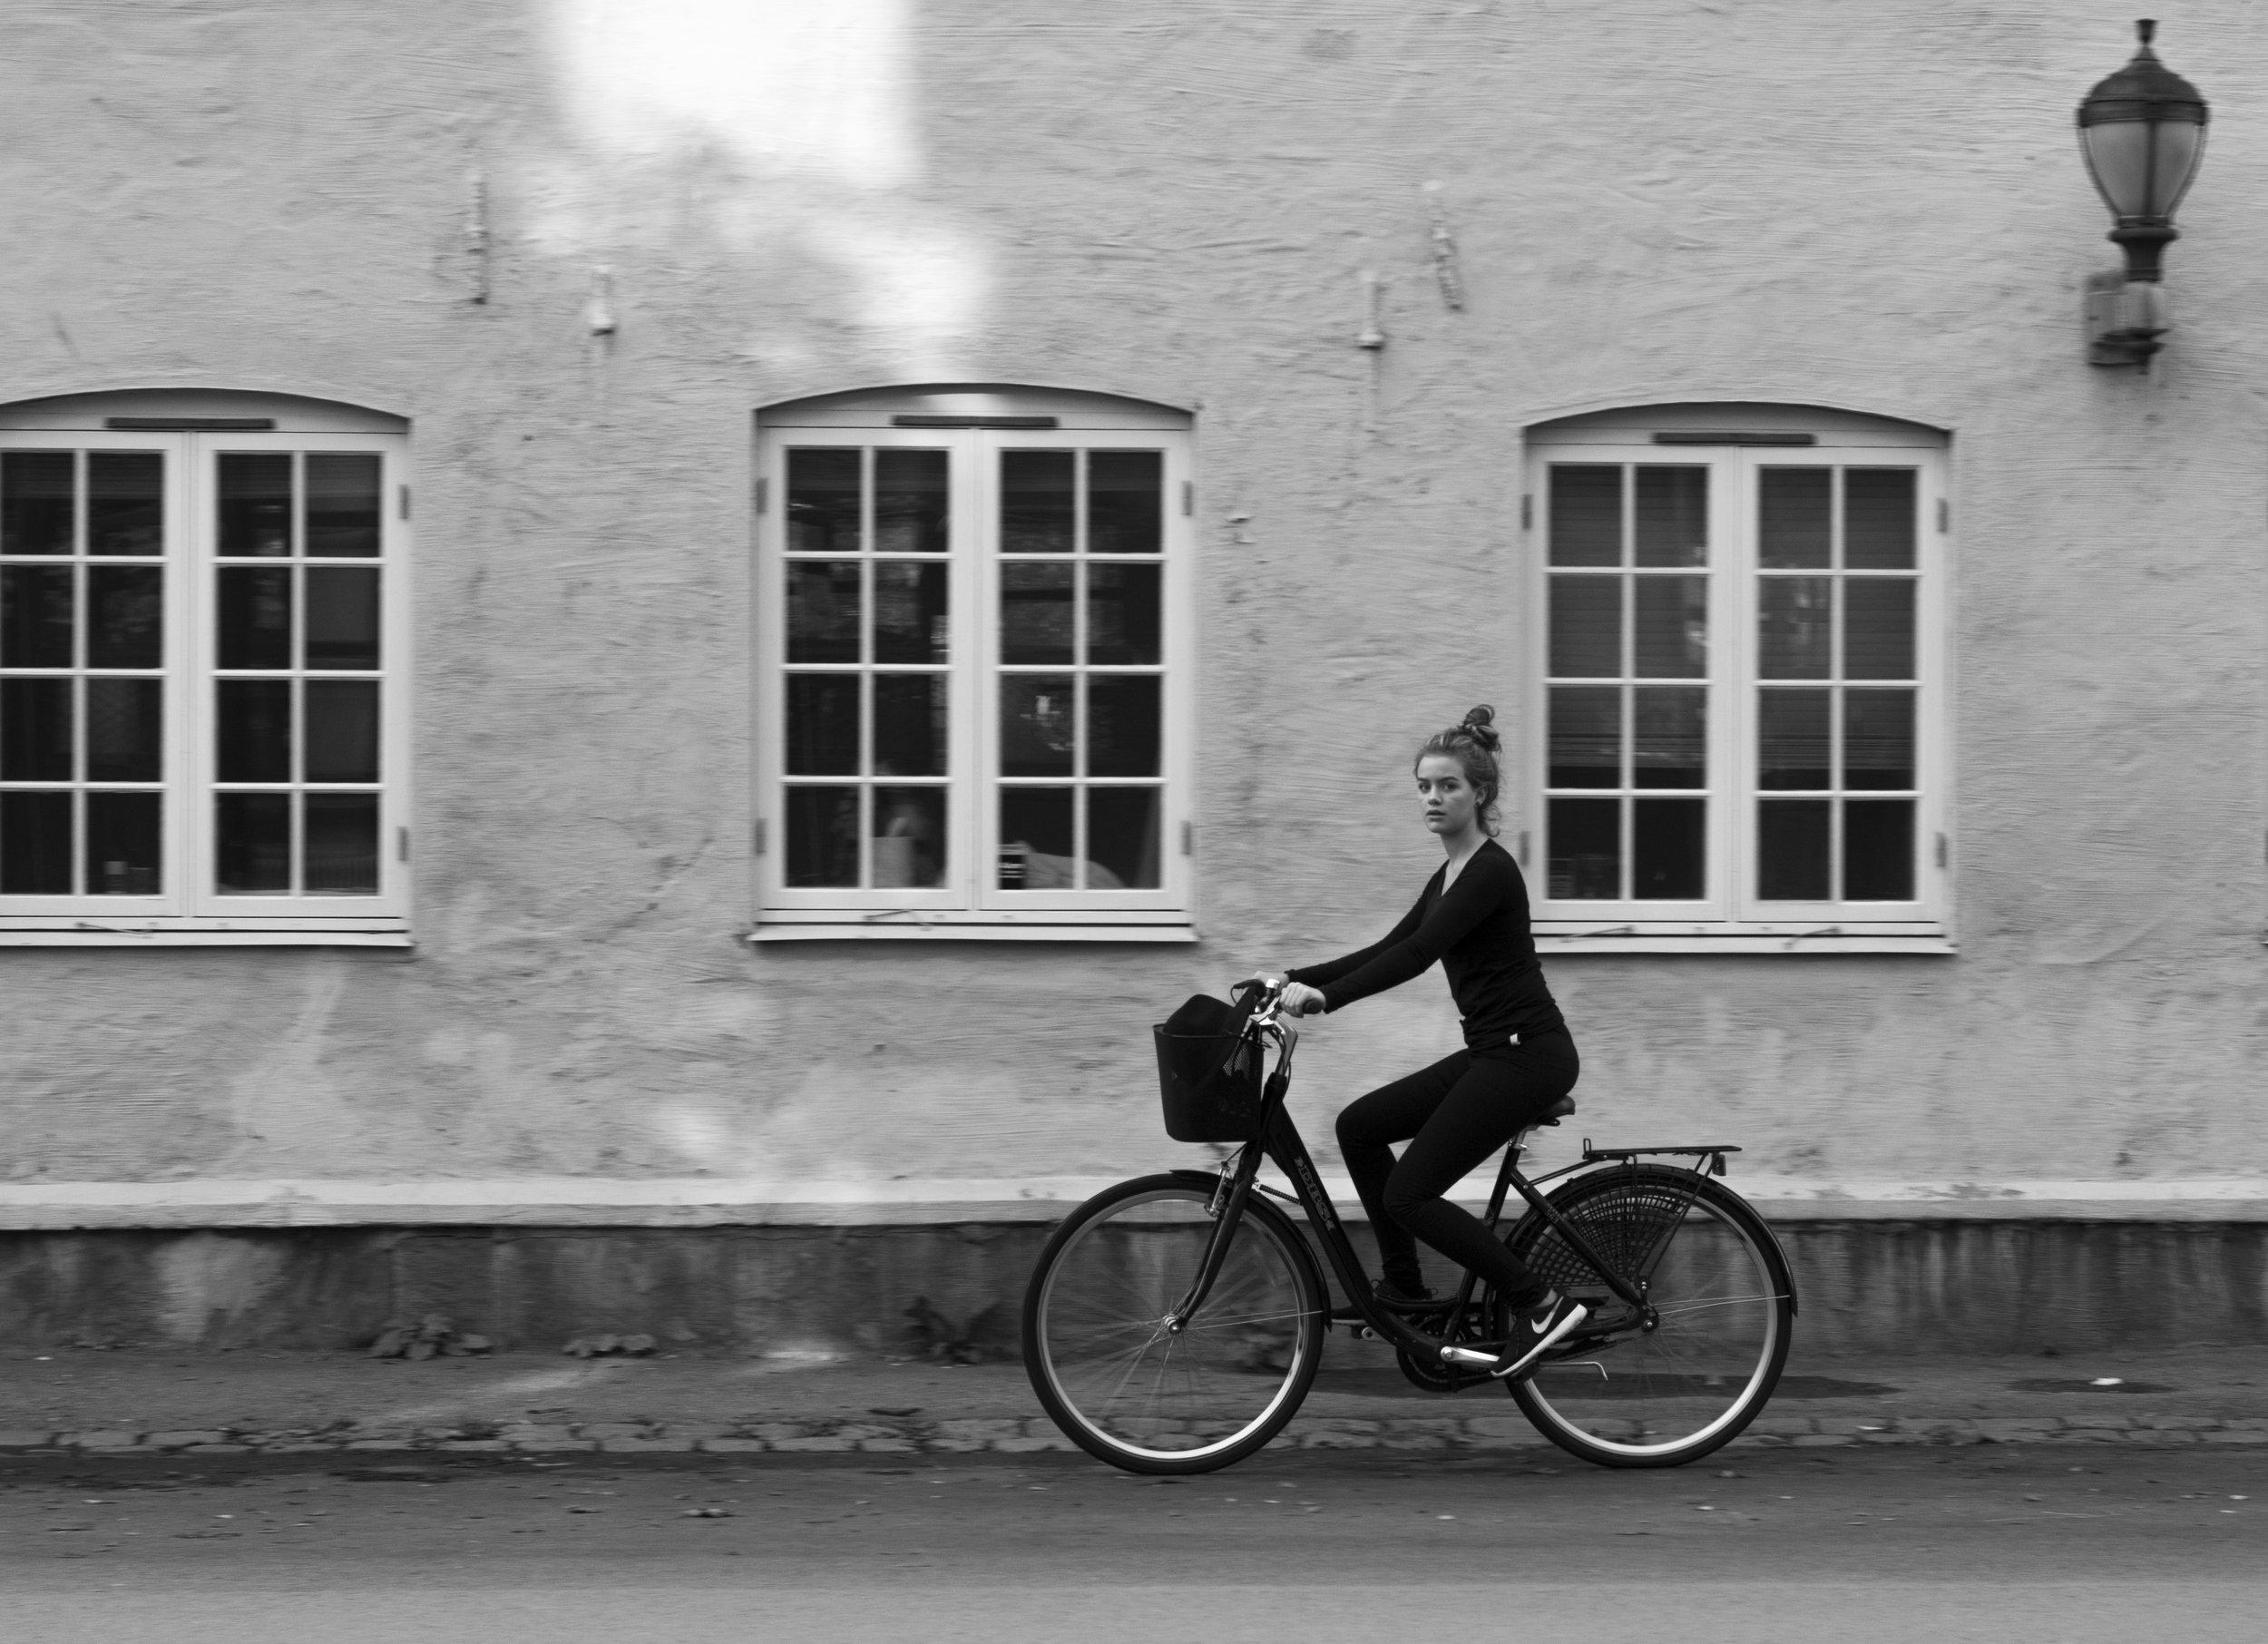 olivia på sykkel.jpg